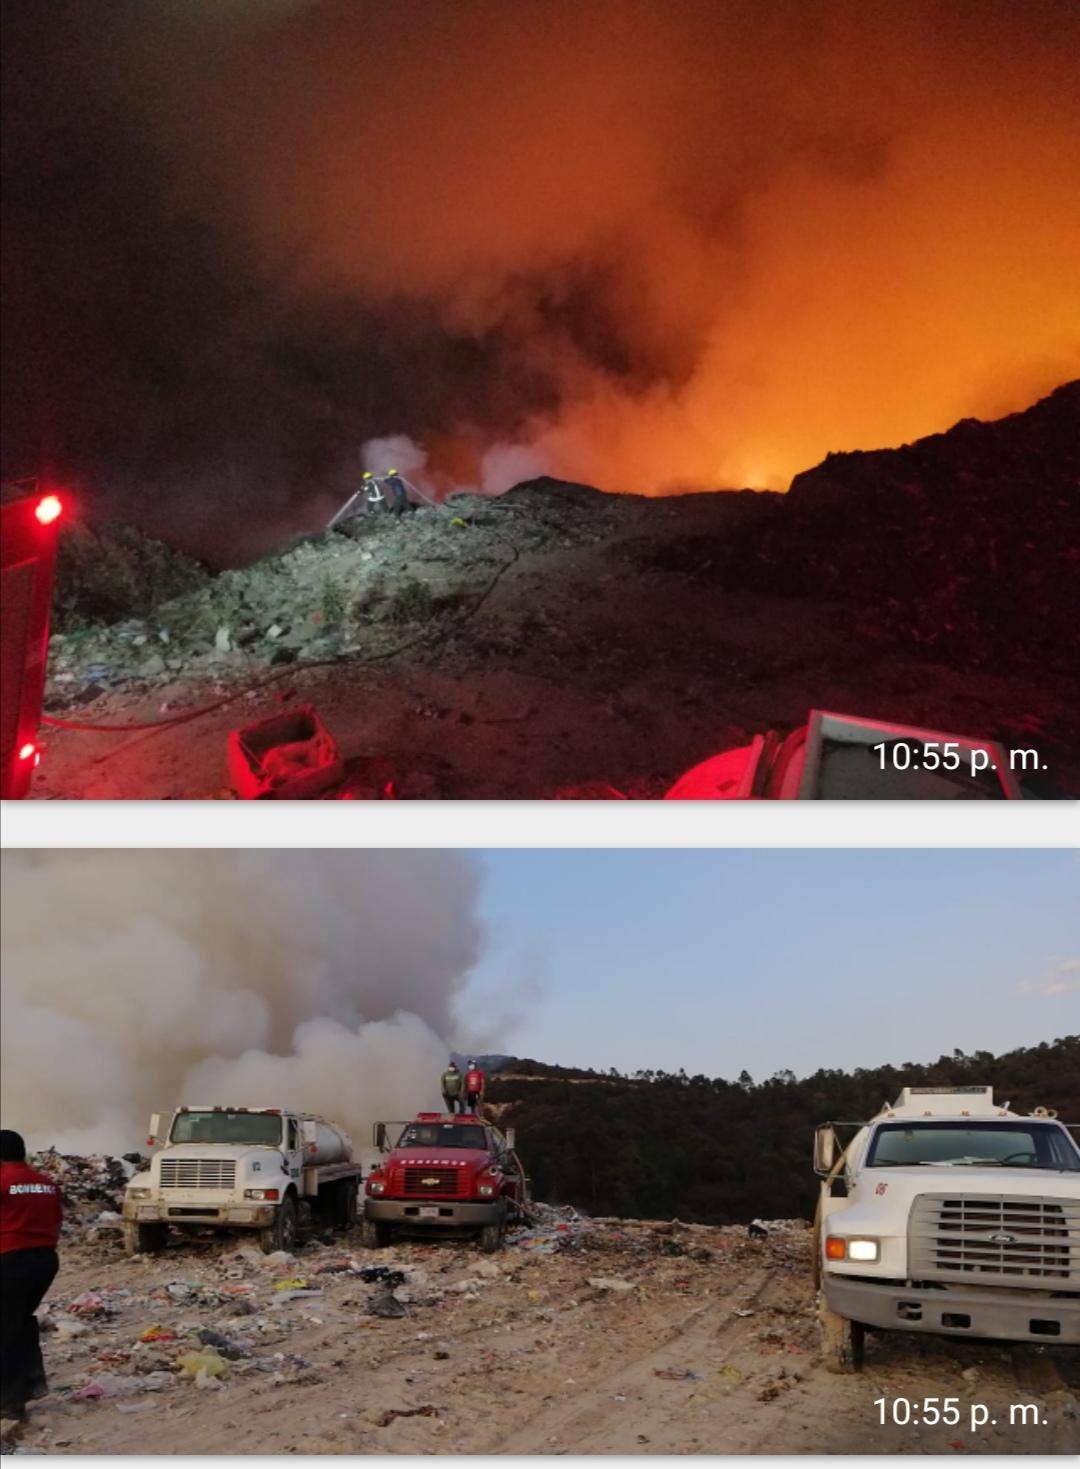 Controlan incendio en el relleno sanitario de Panotla. Trabajan corporaciones municipales y estatales para sofocarlo.